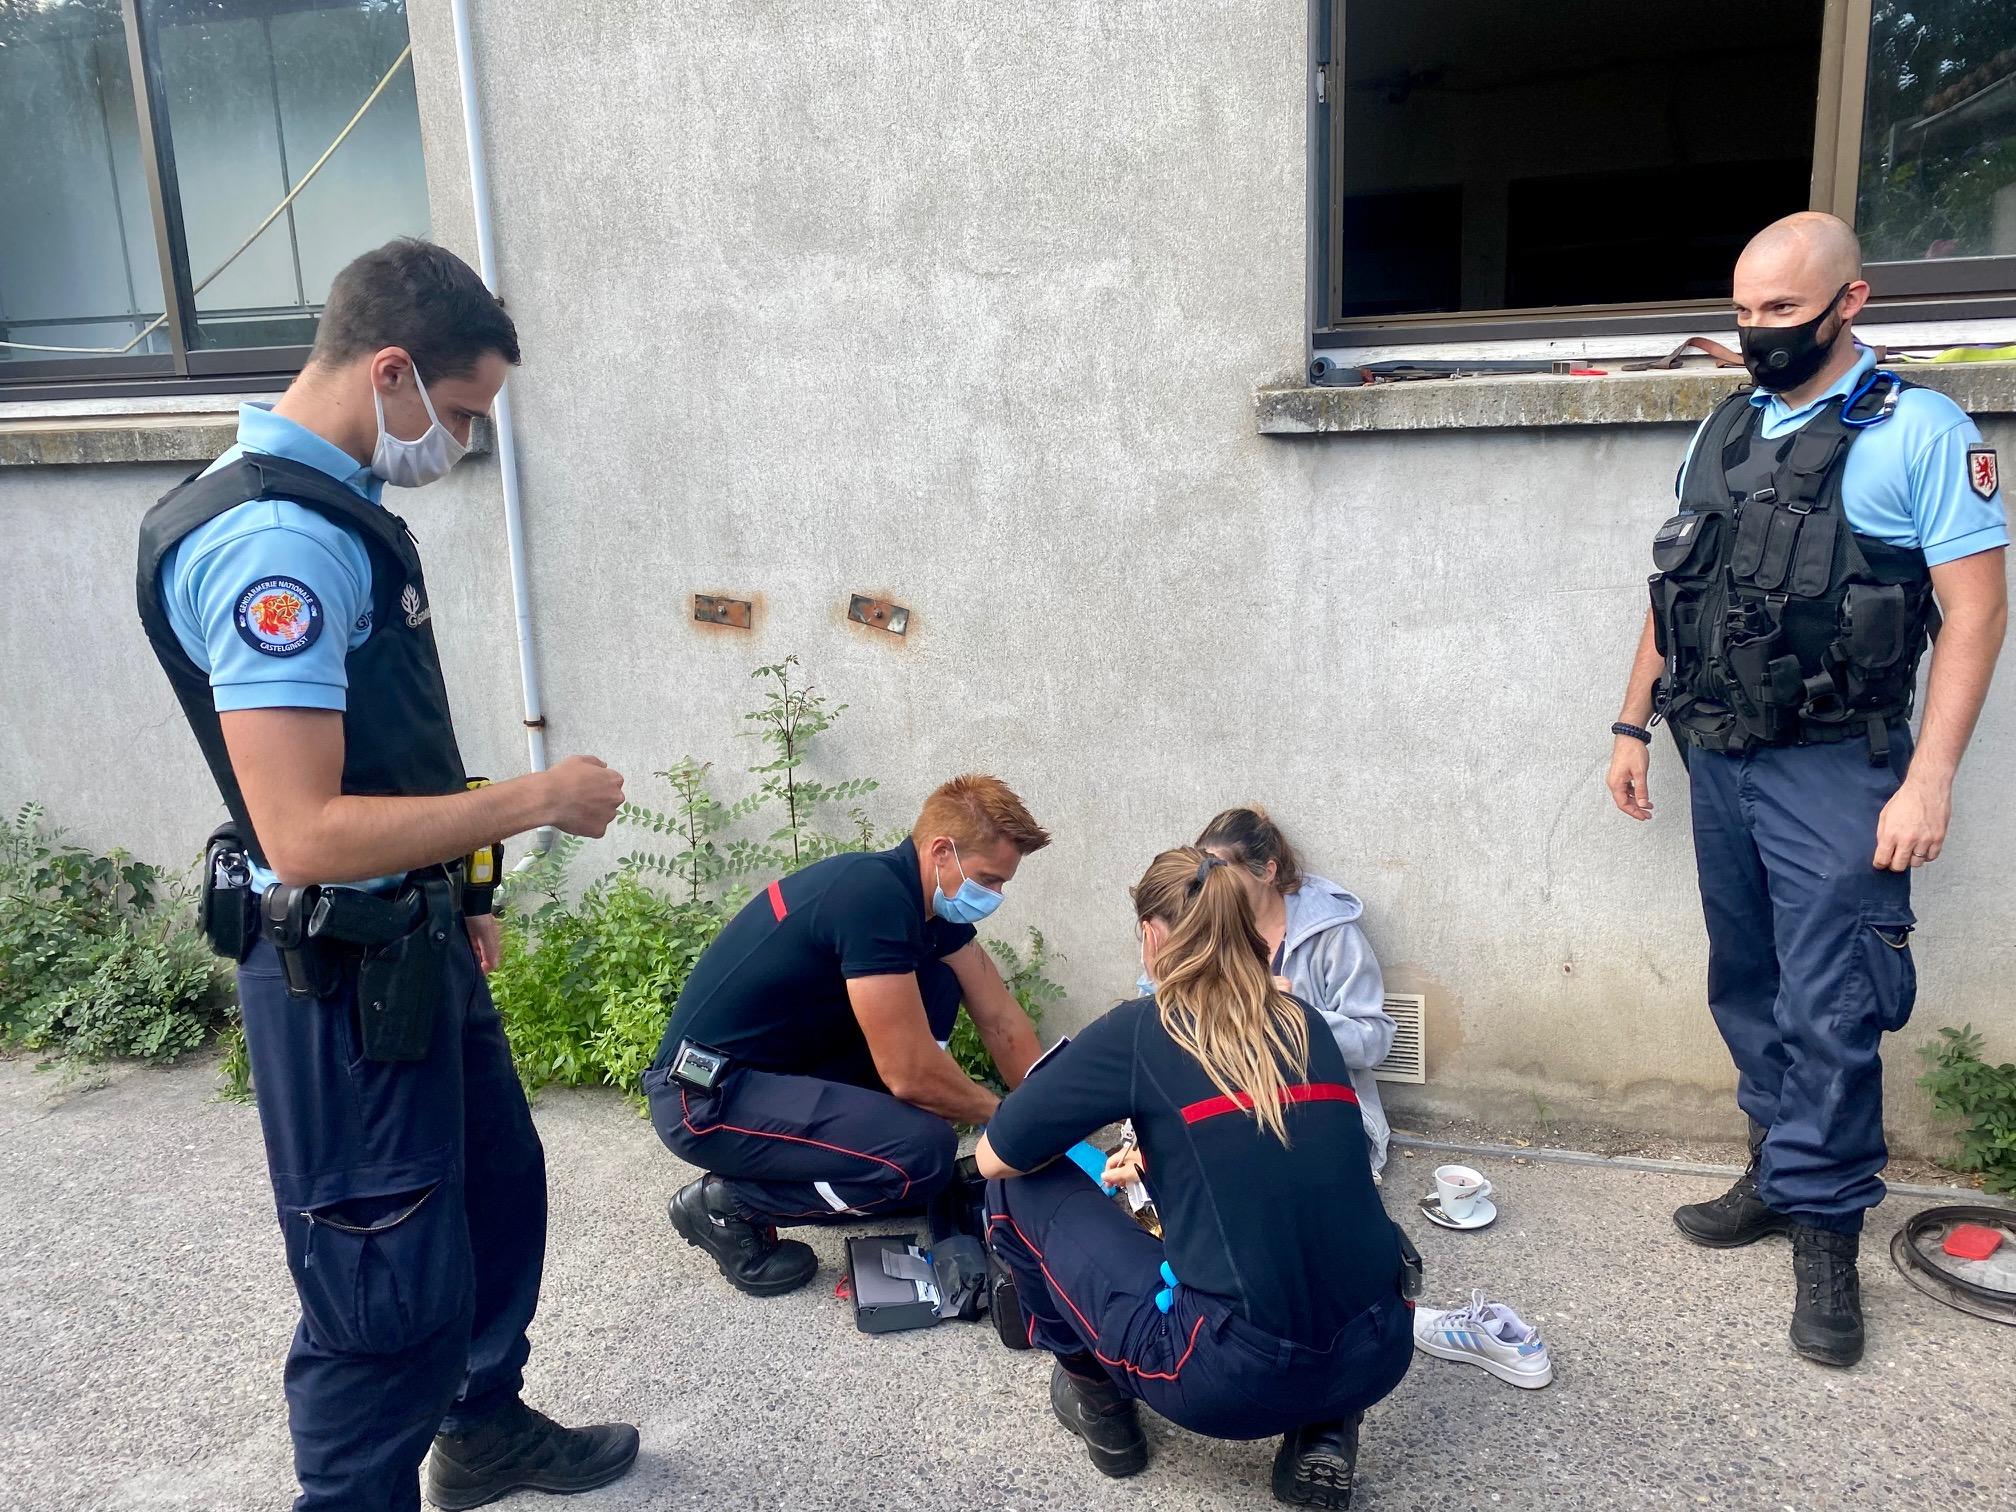 Lundi 02 août 2021 en fin d'après midi, les militaires de la gendarmerie de Castelginest sont engagés par le centre opérationnel pour secourir une personne coincée dans la chambre froide d'une boulangerie du secteur. Arrivés 05 minutes après sur les lieux, ils parviennent à libérer la jeune femme qui venait de passer près d'une heure dans une chambre froide à -10°C. Les militaires l'ont immédiatement enveloppée d'une couverture de survie en attendant l'arrivée des pompiers. La jeune femme s'en sort avec plus de peur que de mal grâce à l'intervention rapide des gendarmes et des pompiers.